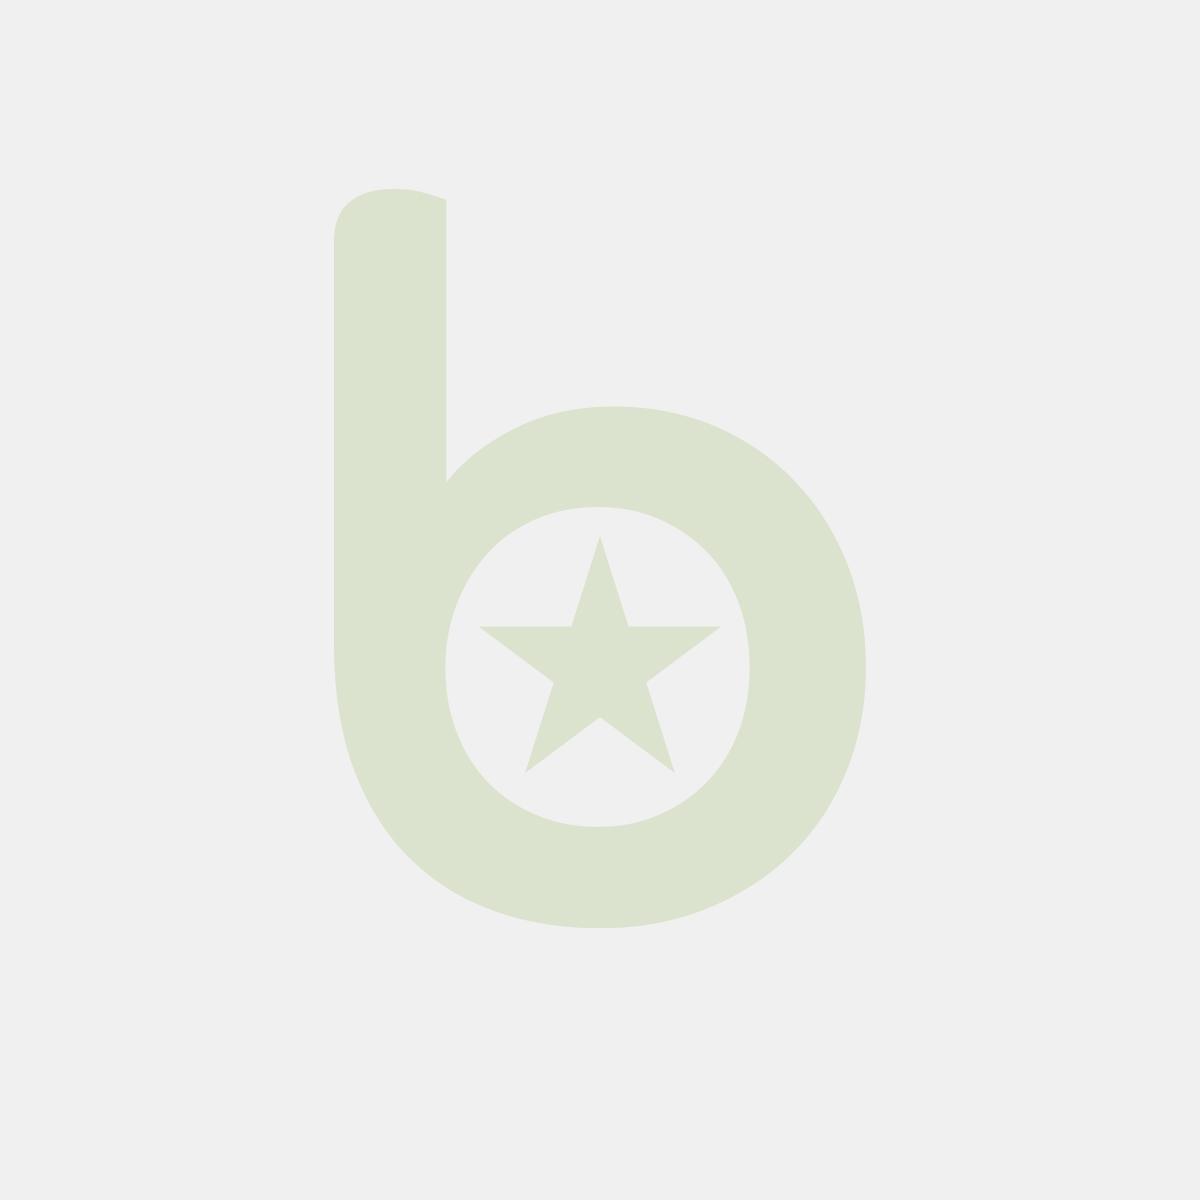 Pojemnik obiadowy do zgrzewu K 227/2, dwudzielny COLT, czarny, 227x178x50, cena za opakowanie 50szt